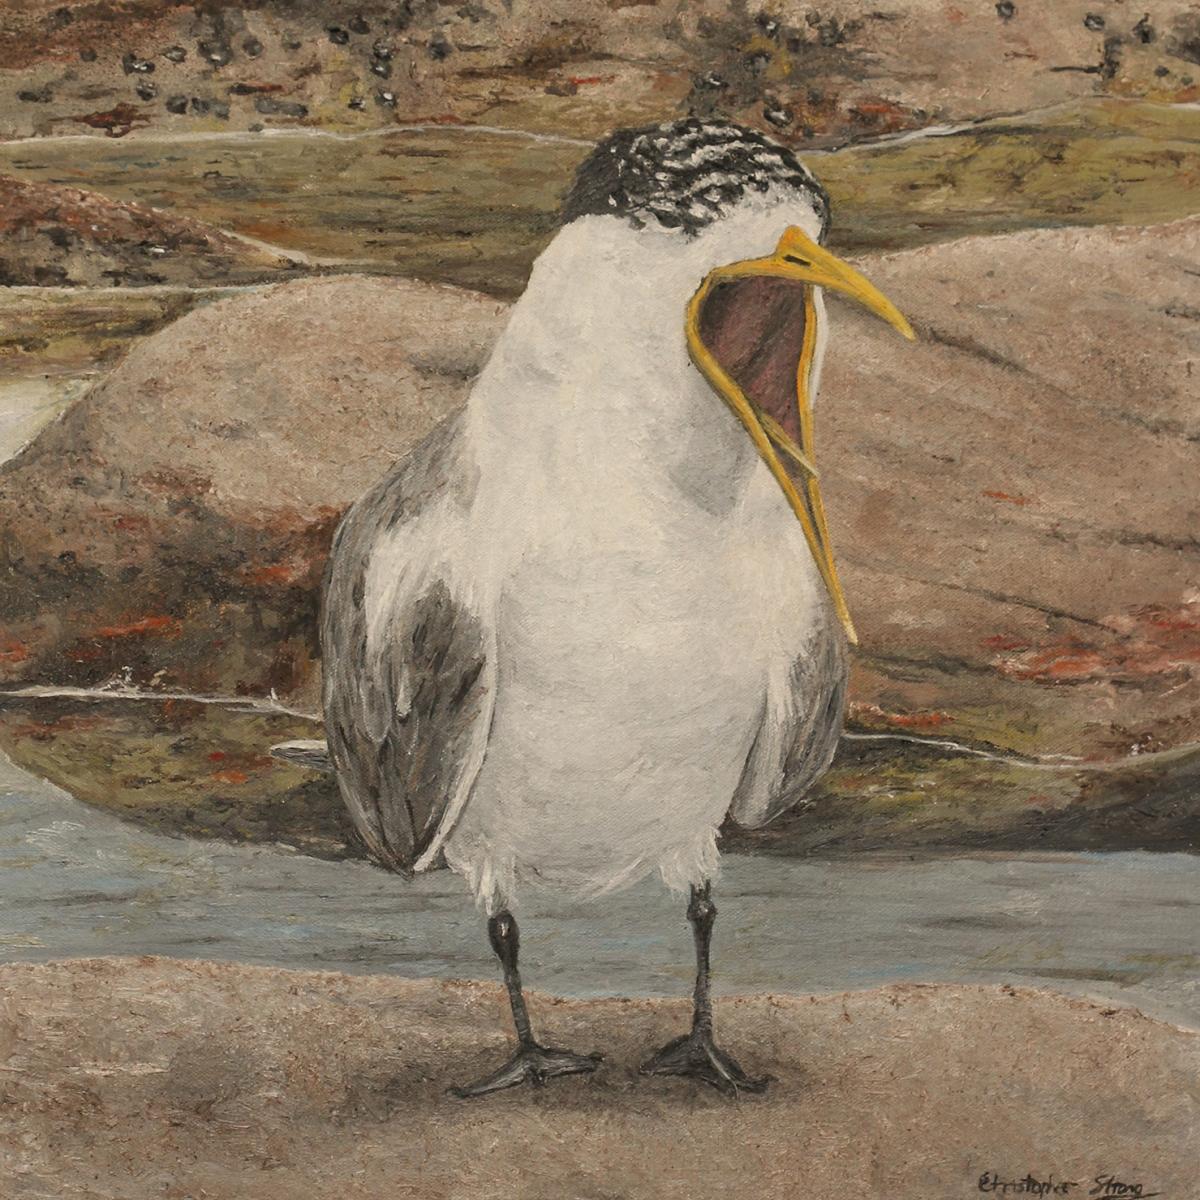 Greater Crested Tern on Sydney beach - Oil on canvas - 45cm x 45 cm